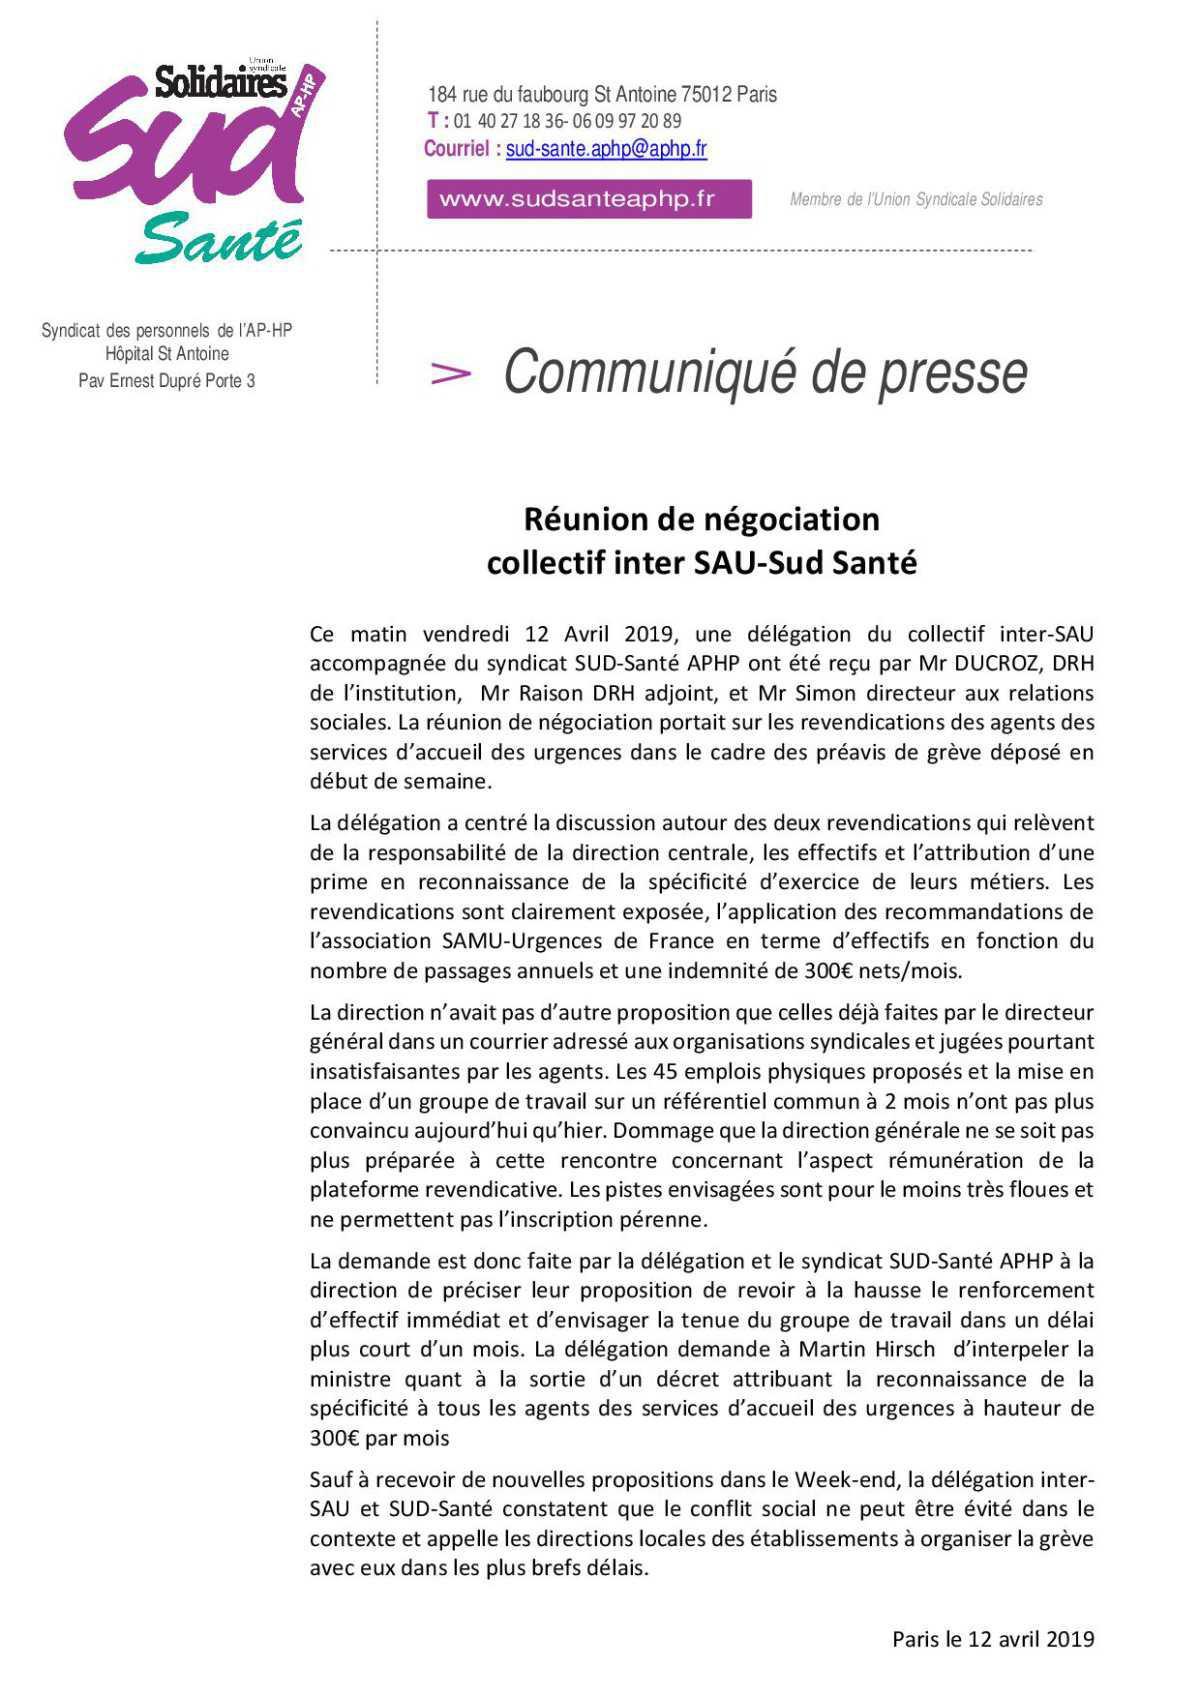 negociation avec la DRH de l'APHP et le collectif inter-SAU